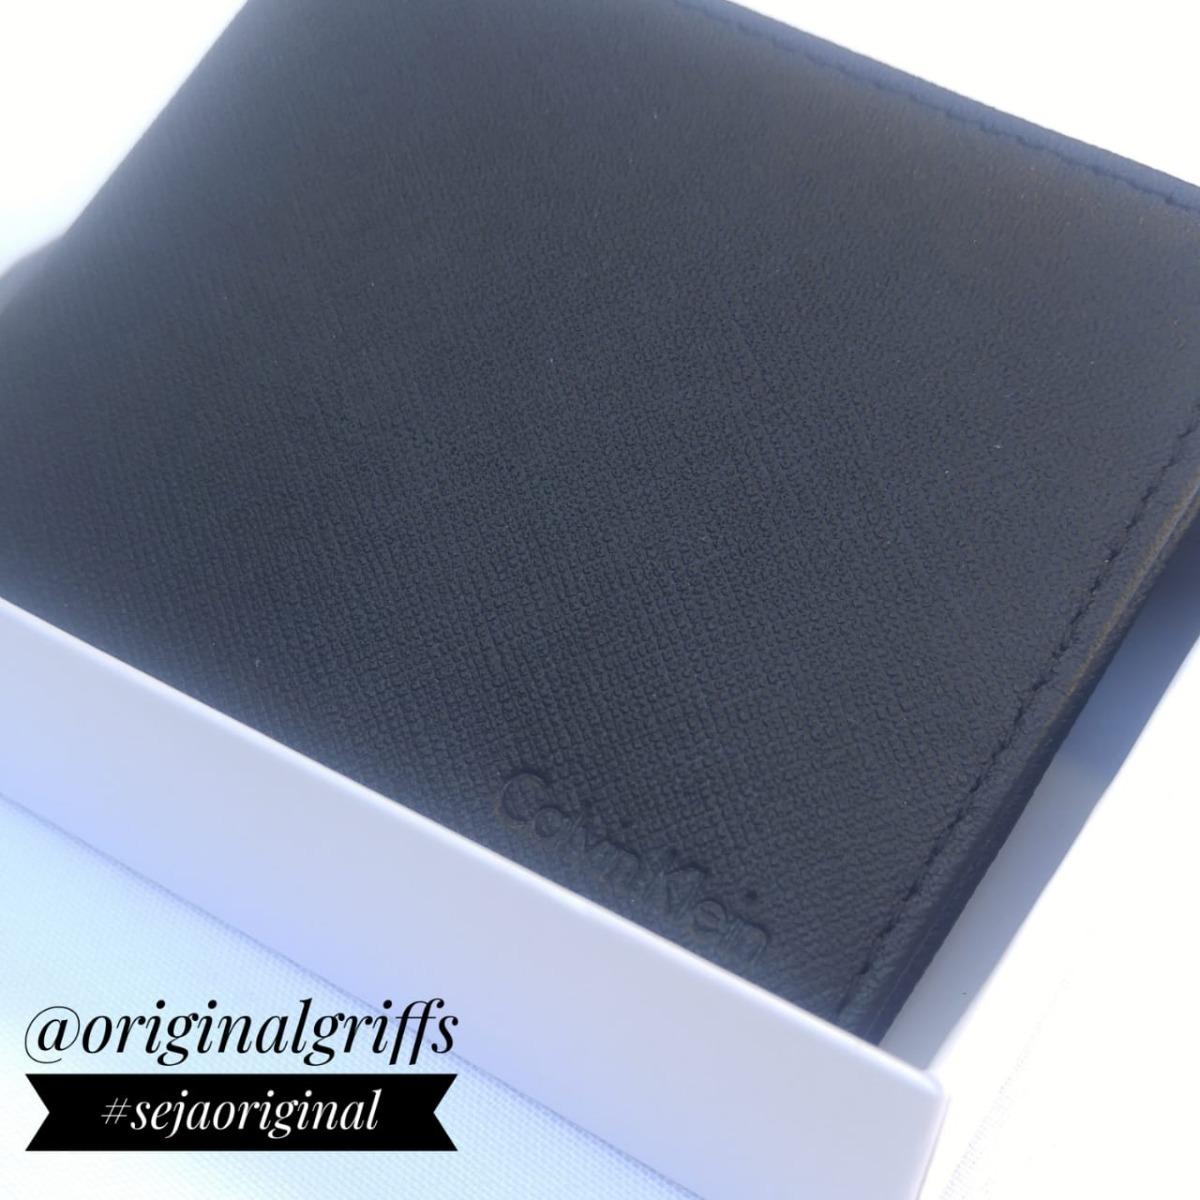 carteira masculina ck 100% couro original usa frete grátis. Carregando zoom. 37bb842fbd